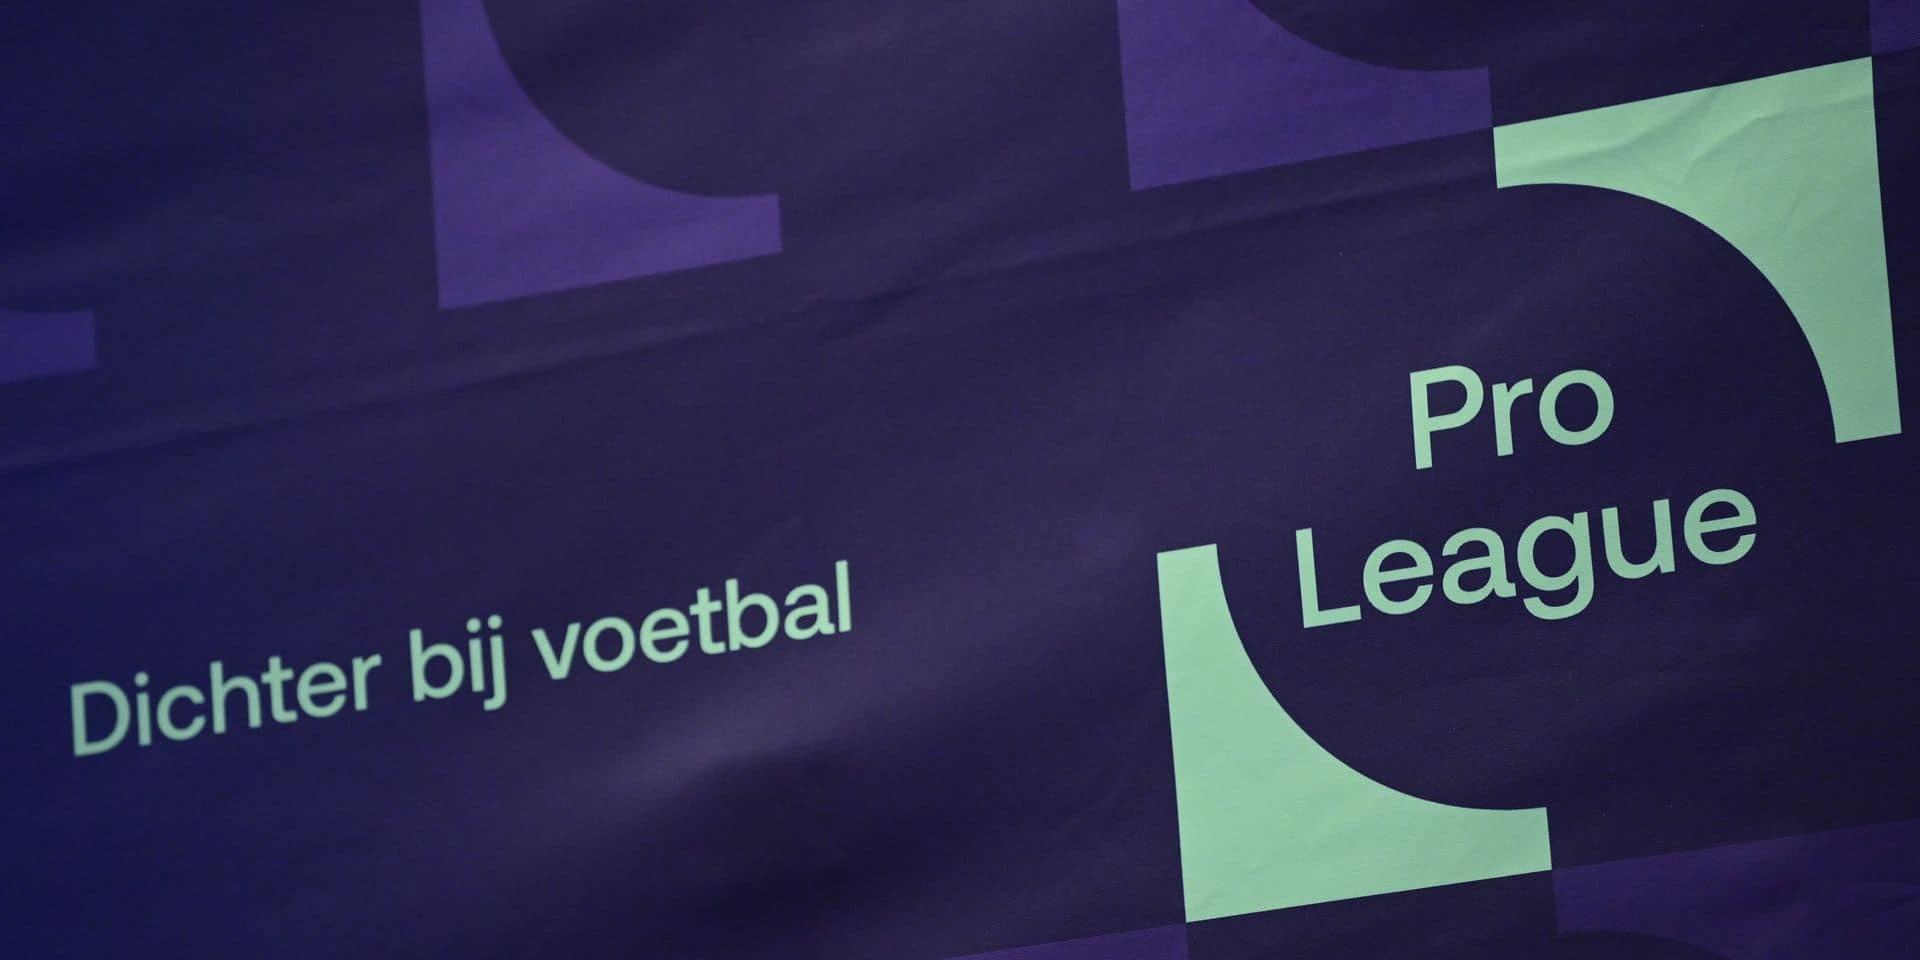 """La Pro League consultera les ministres et les autorités compétentes """"dès que possible"""""""